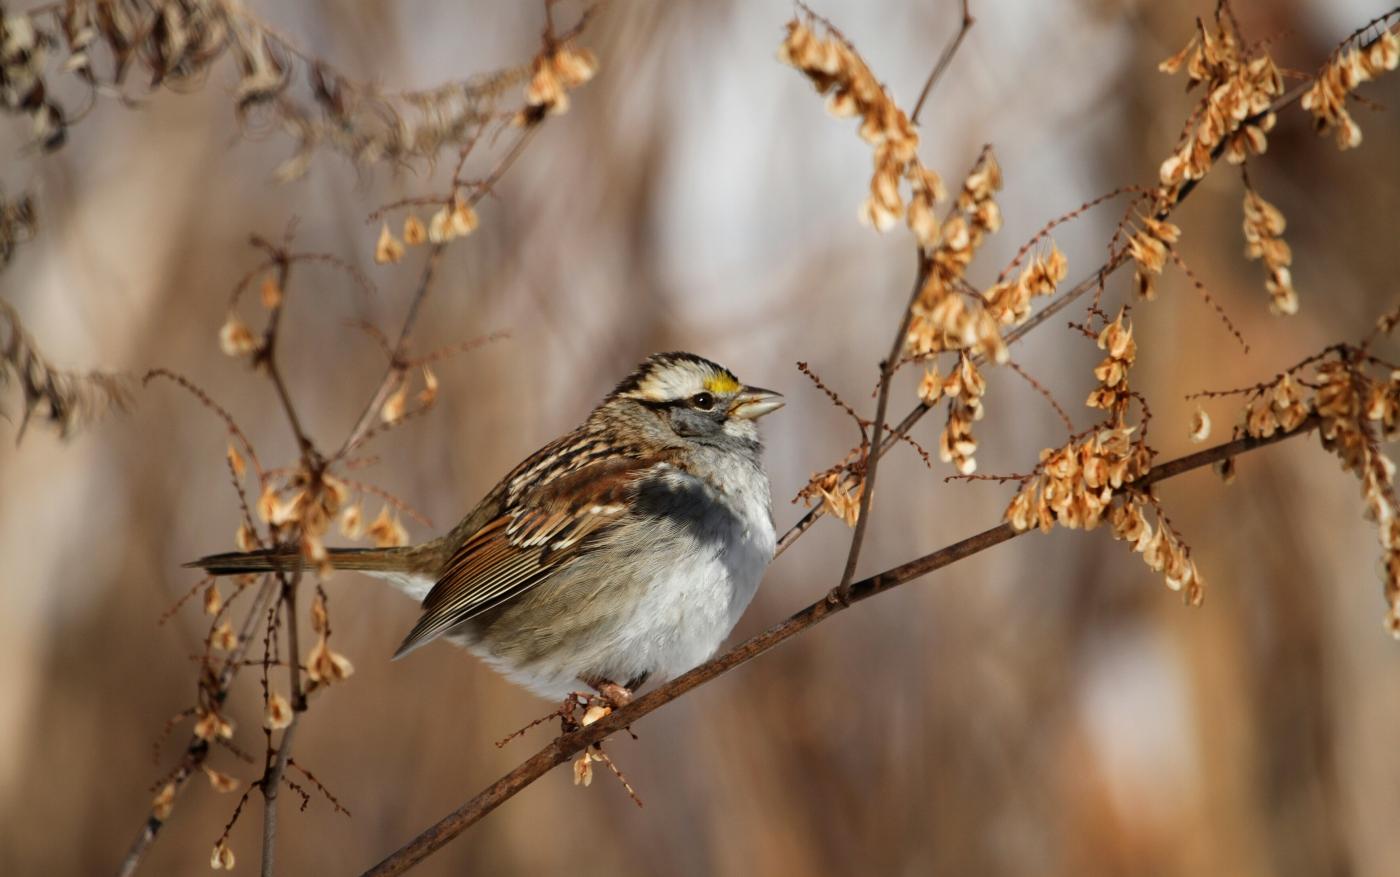 【田螺摄影】雪后去拍鸟随拍_图1-1